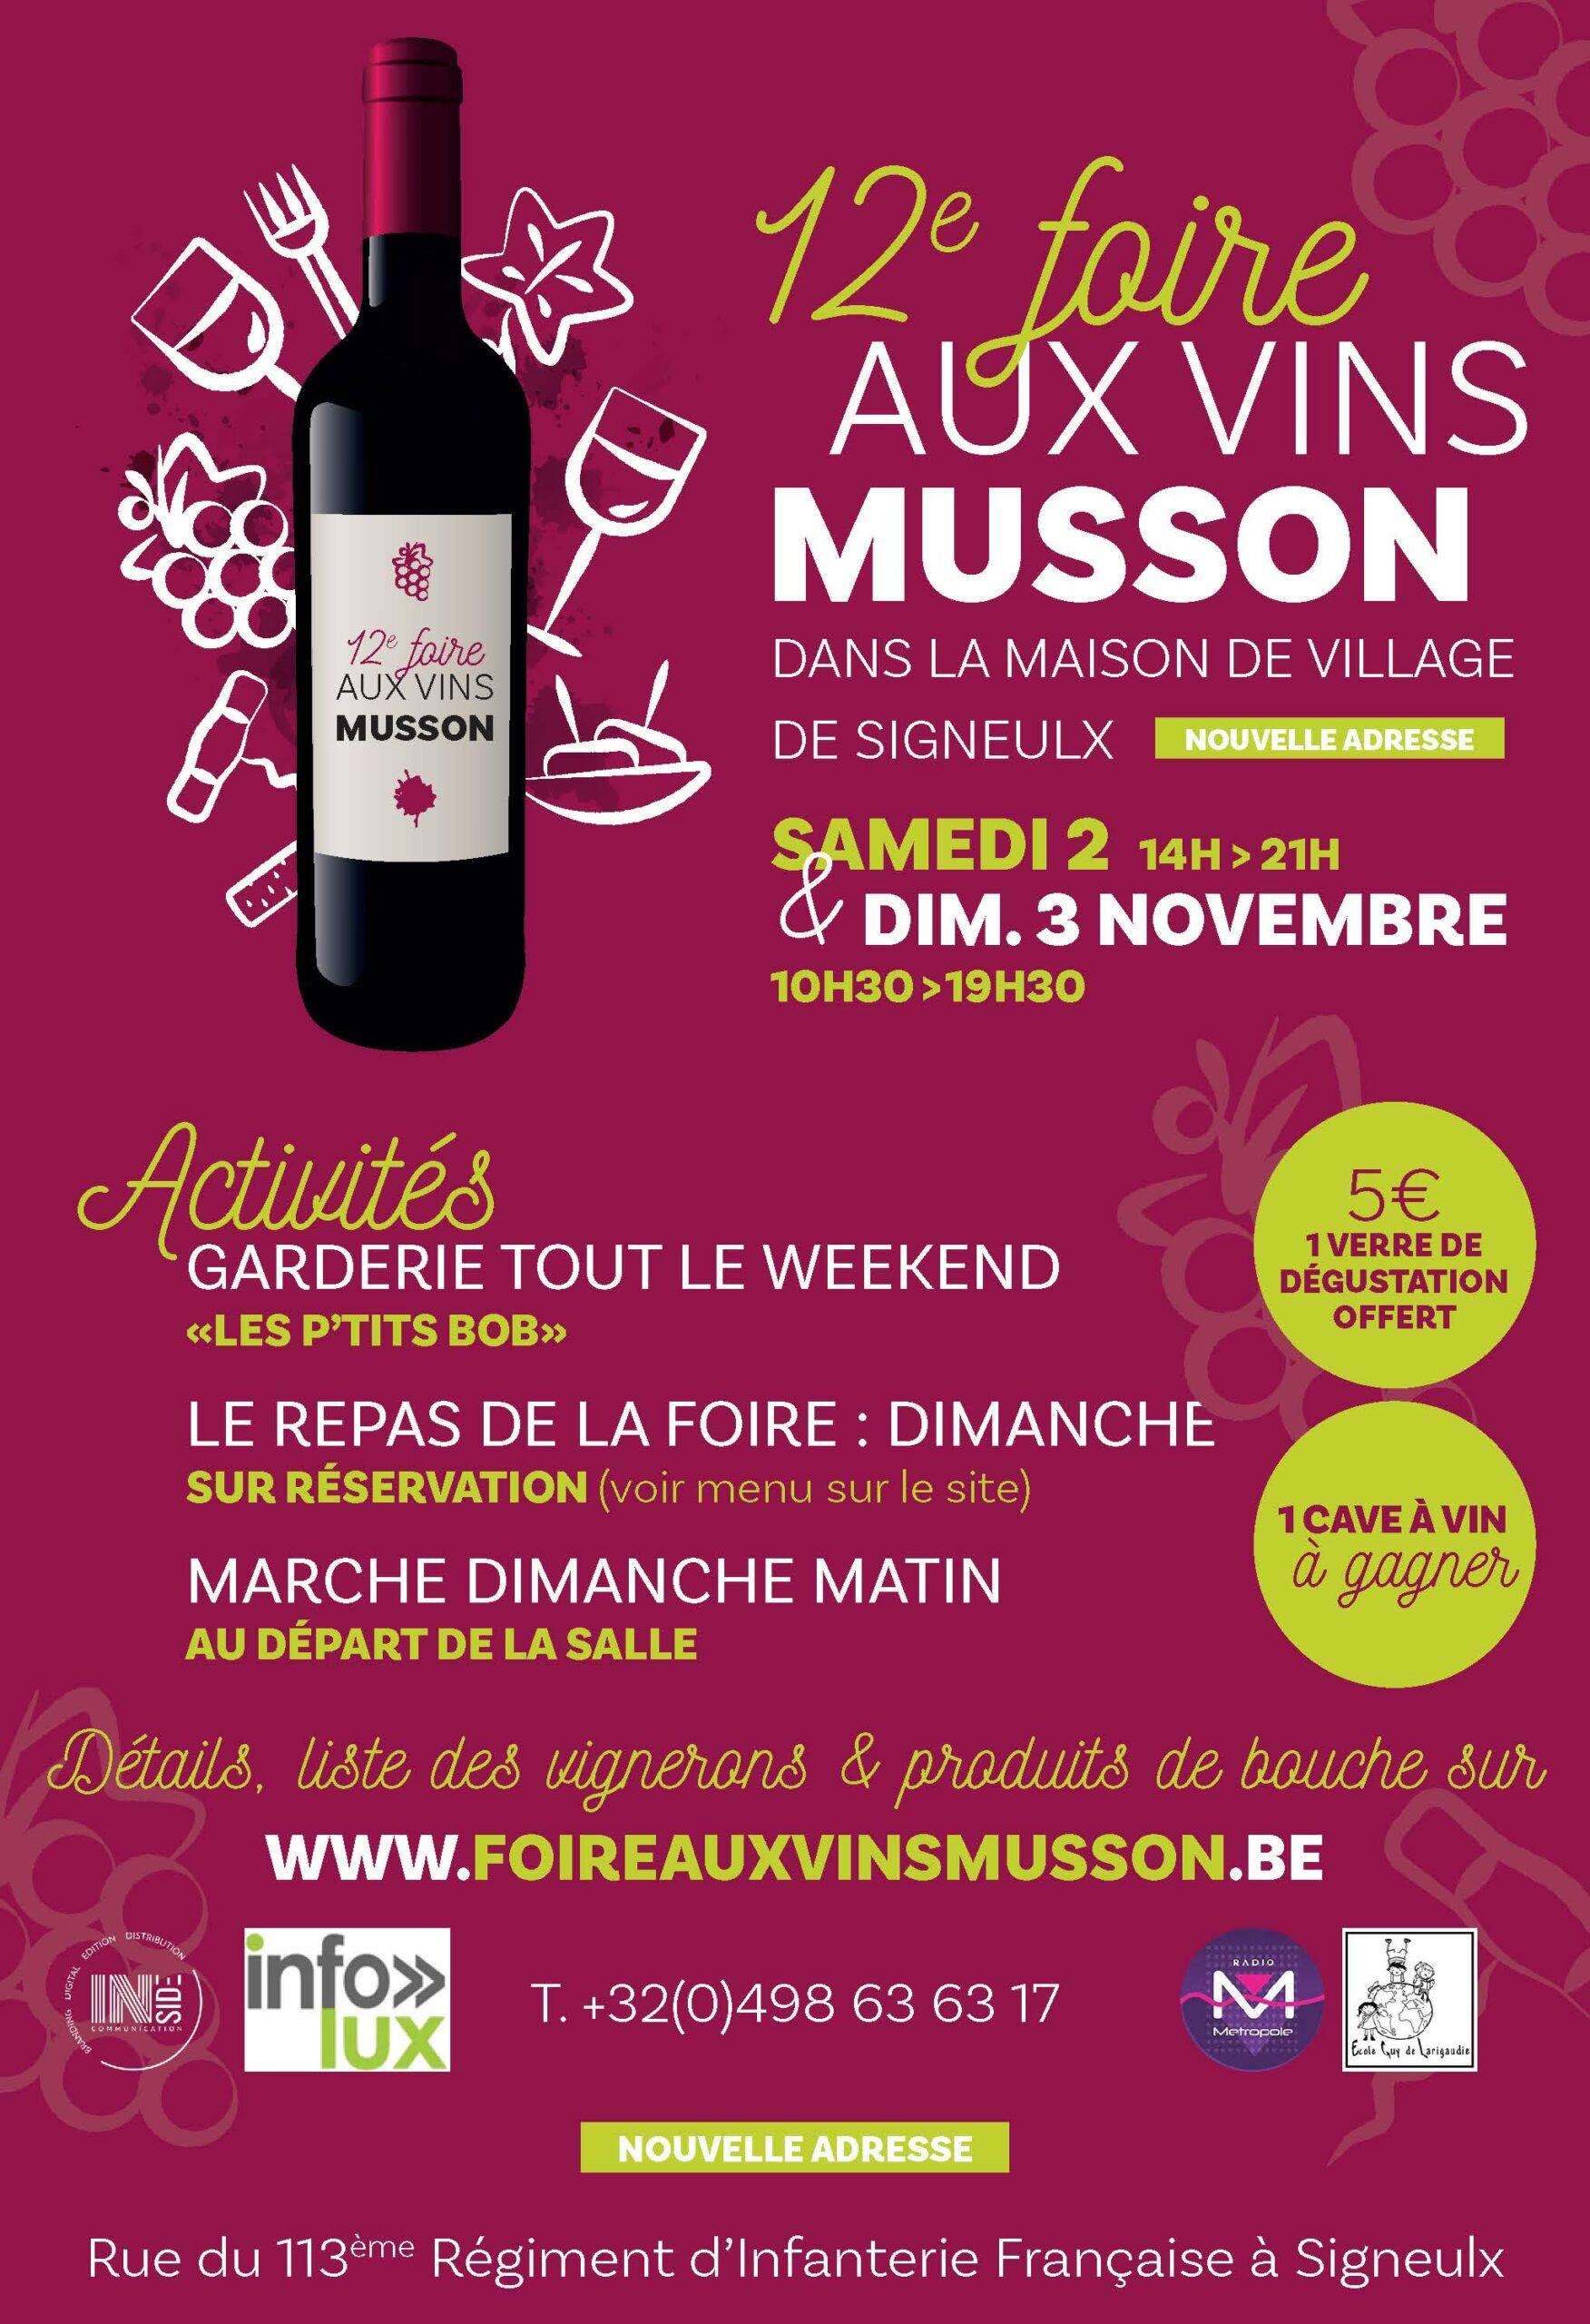 Foire aux vins de Musson